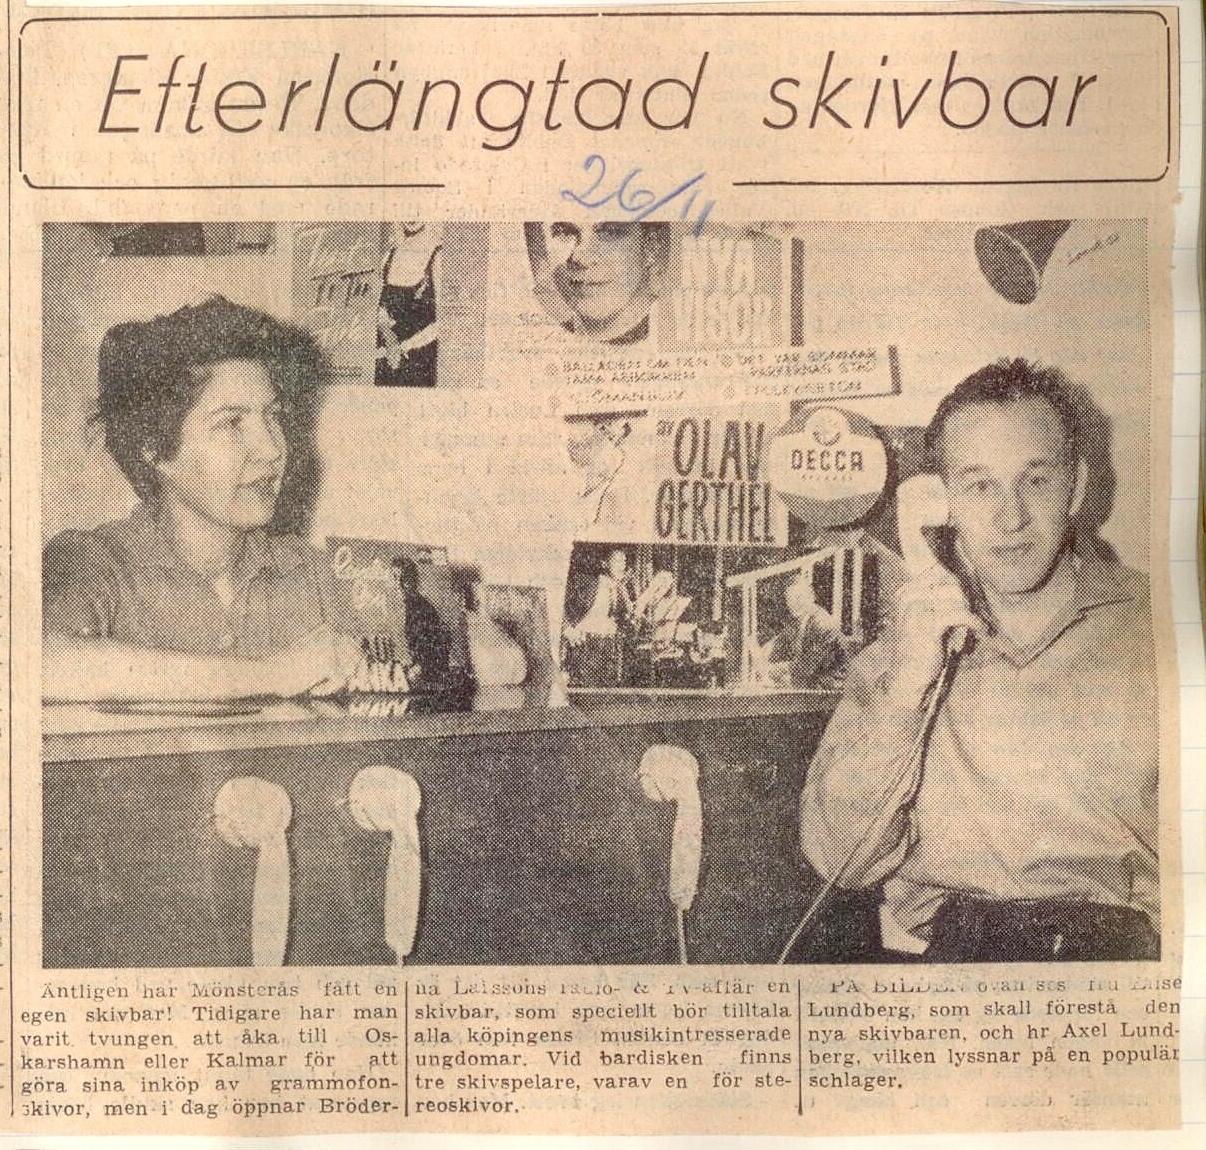 Olav Gerthel Det Var Sommar I Parkernas Stad - Sjömansliv - Balladen Om Den Tama Abborren - I Folkviseton